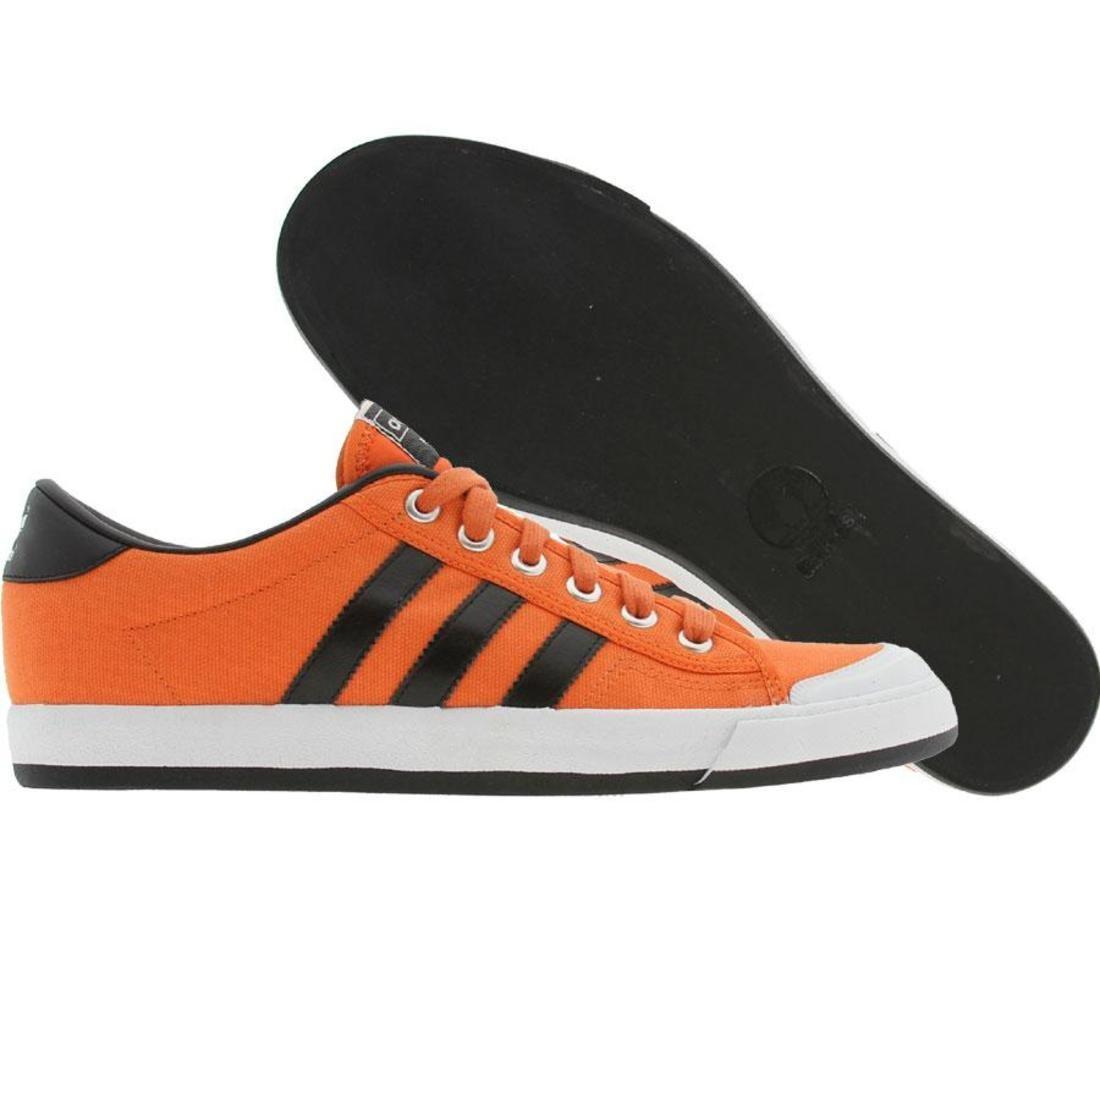 【海外限定】アディダス テニス 黒 ブラック メンズ靴 靴 【 ADIDAS BLACK INDOOR TENNIS AMBER WHITE 】